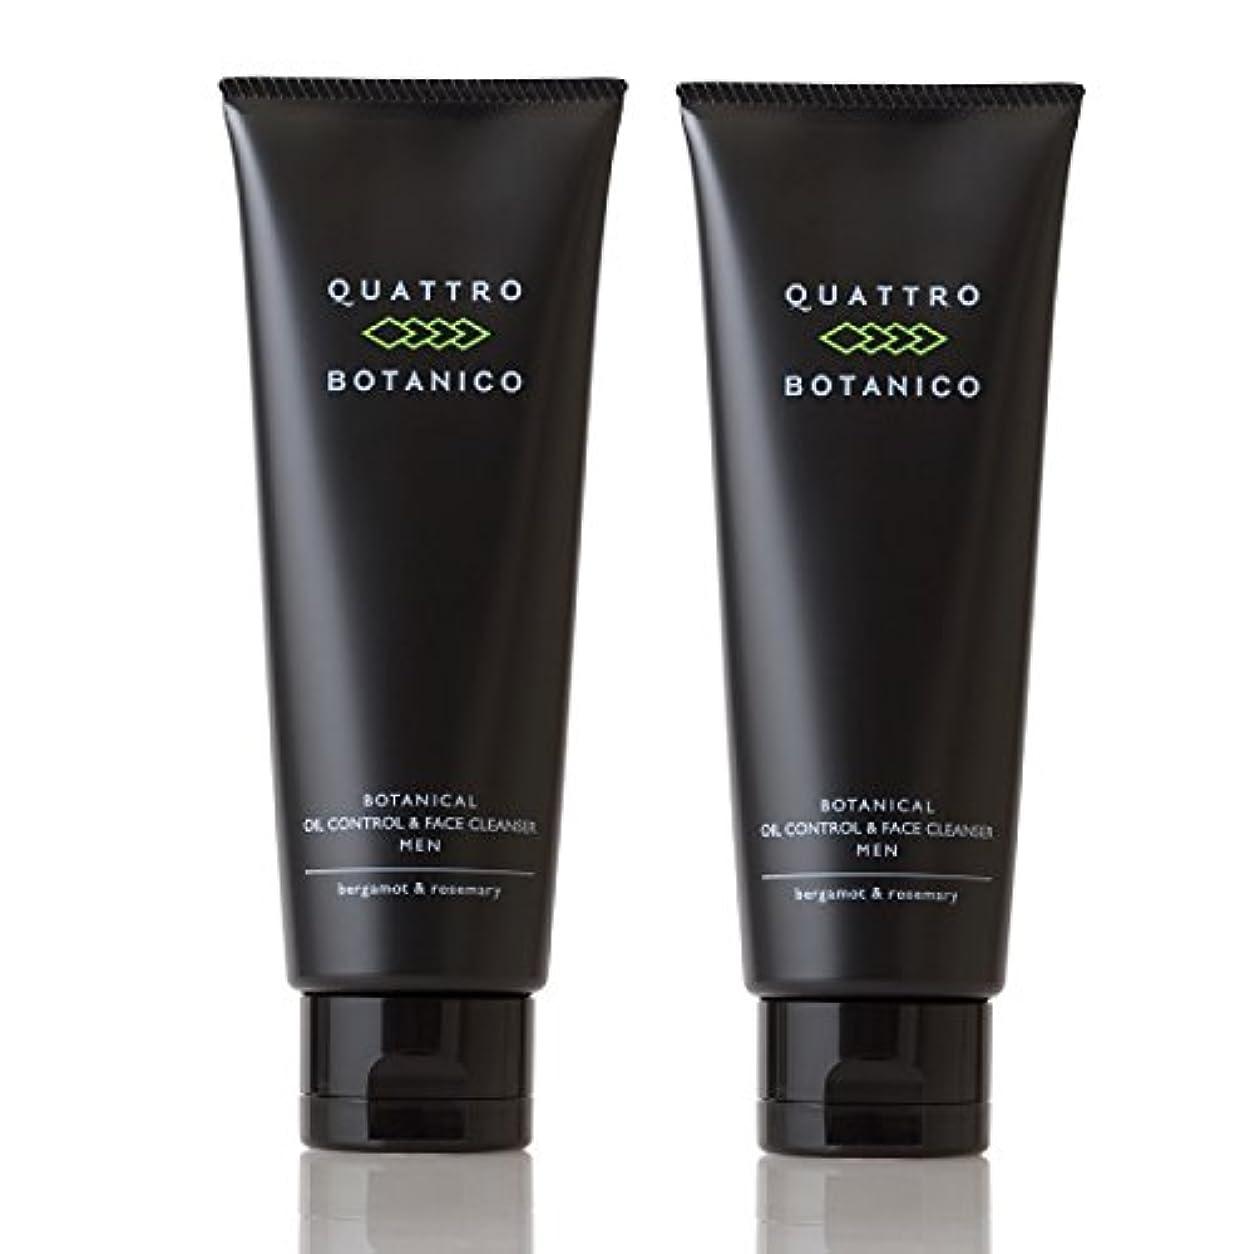 グレー湖スタジアムクワトロボタニコ (QUATTRO BOTANICO) 【 メンズ 洗顔 】 ボタニカル オイルコントロール & フェイスクレンザー (男性 スキンケア) 《お得な2本セット》 120g × 2本